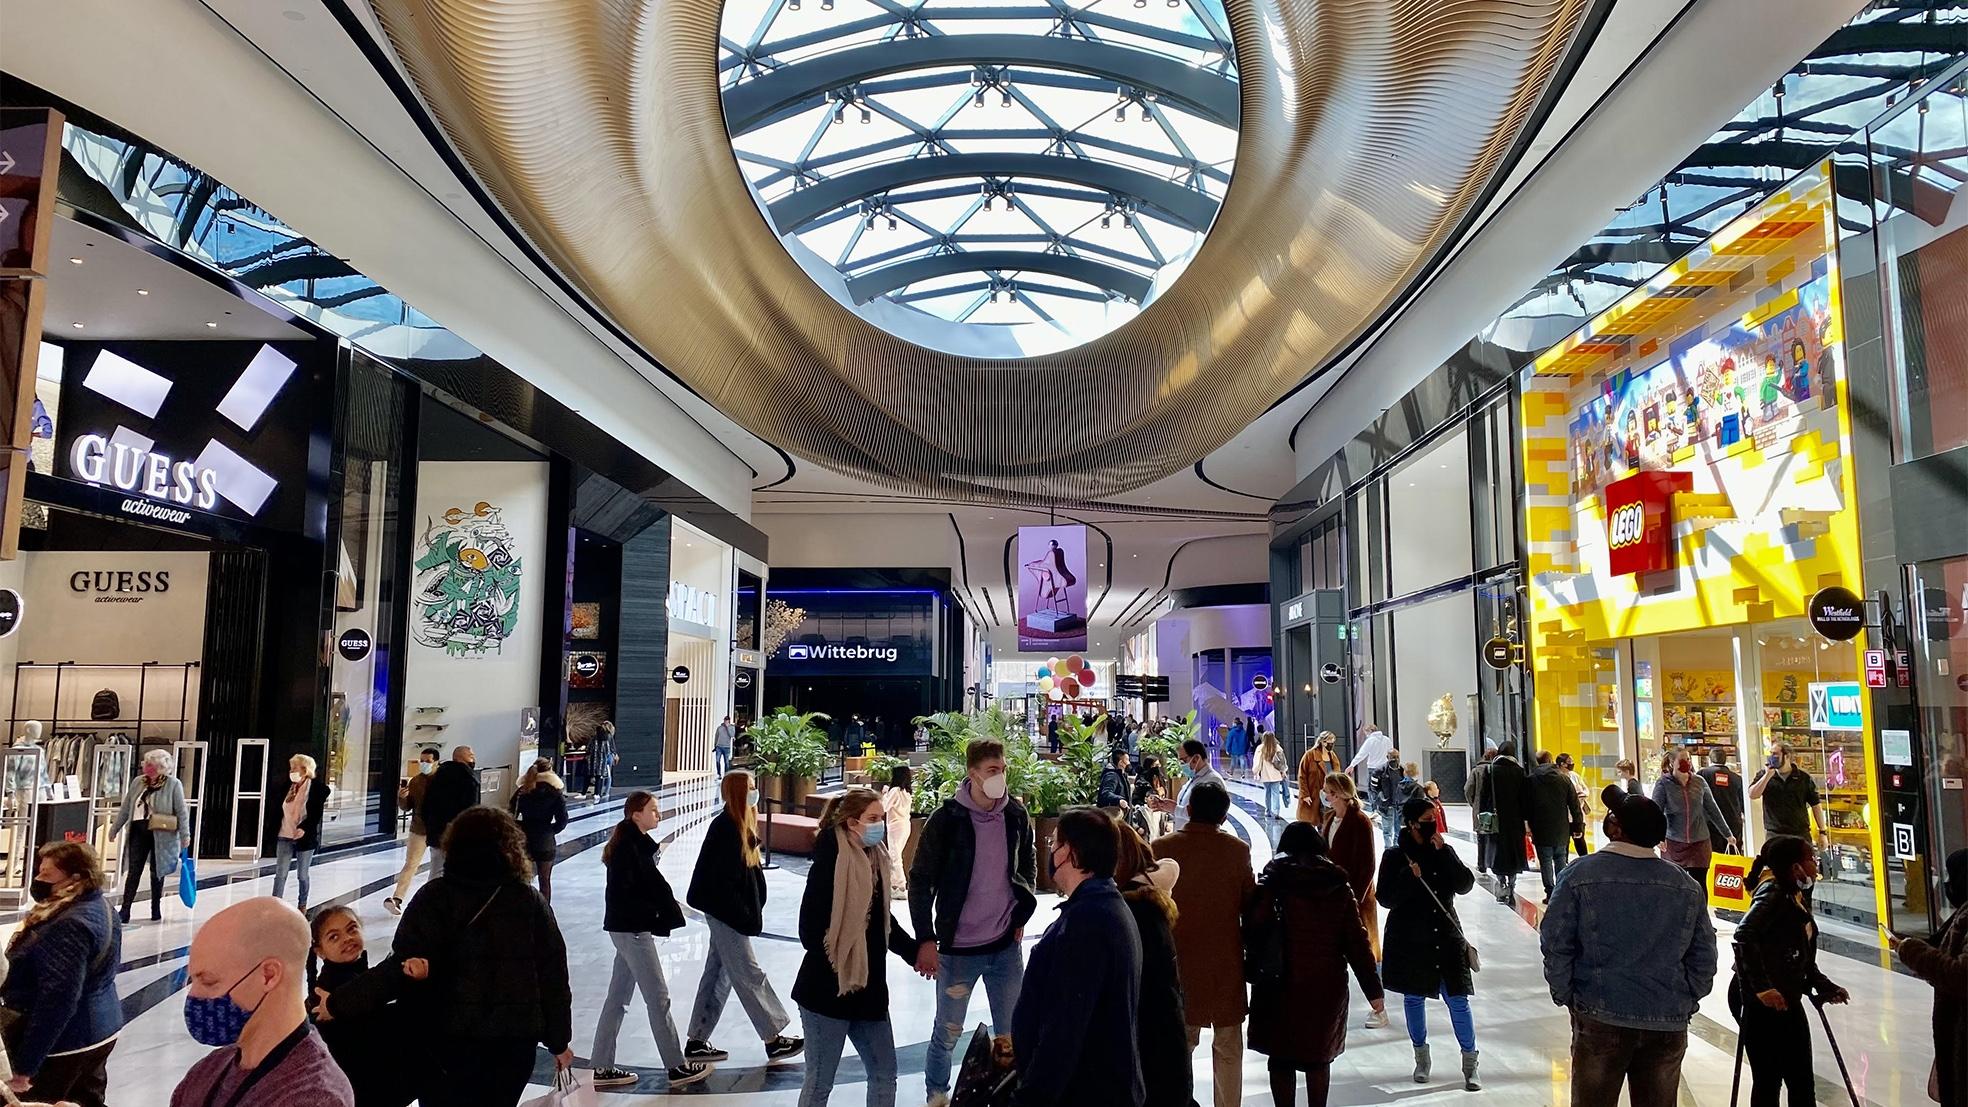 De op 20 maart geopende Mall Of The Netherlands in Leidschendam. Foto: Hans van Tellingen